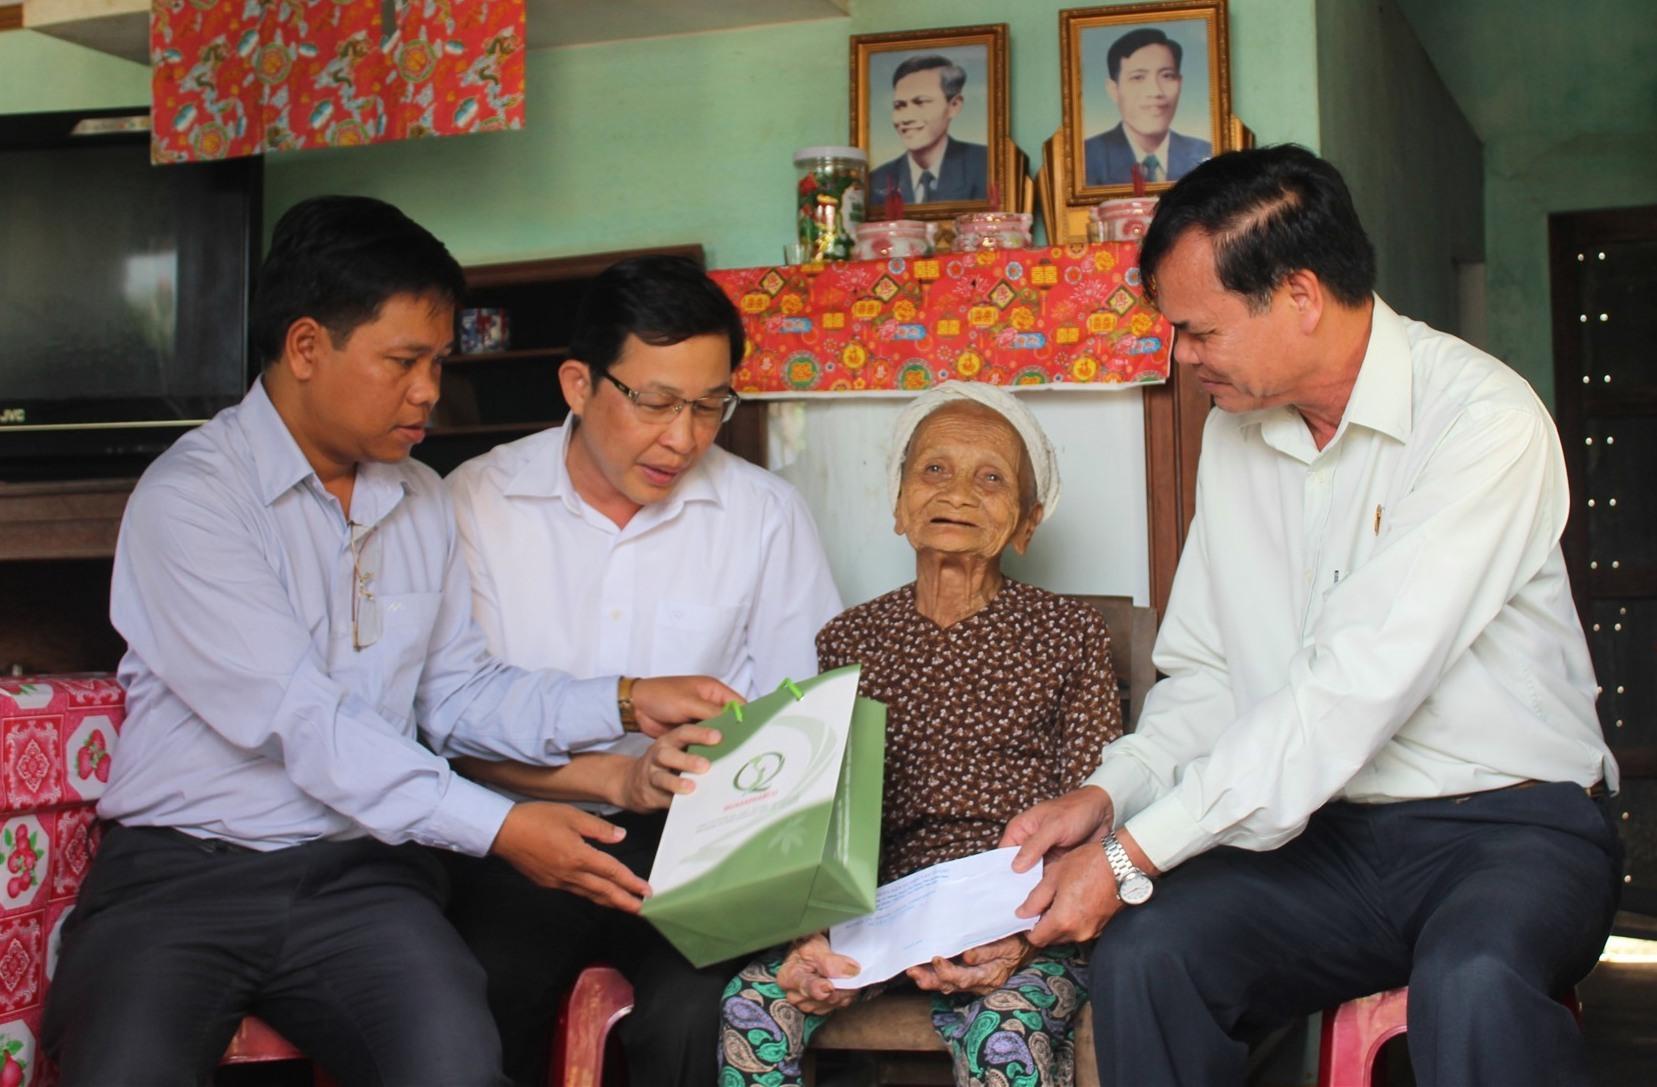 Hằng năm, cứ mỗi dịp lễ, tết, lãnh đạo huyện Tây Giang luôn đến thăm và tặng quà cho các Mẹ